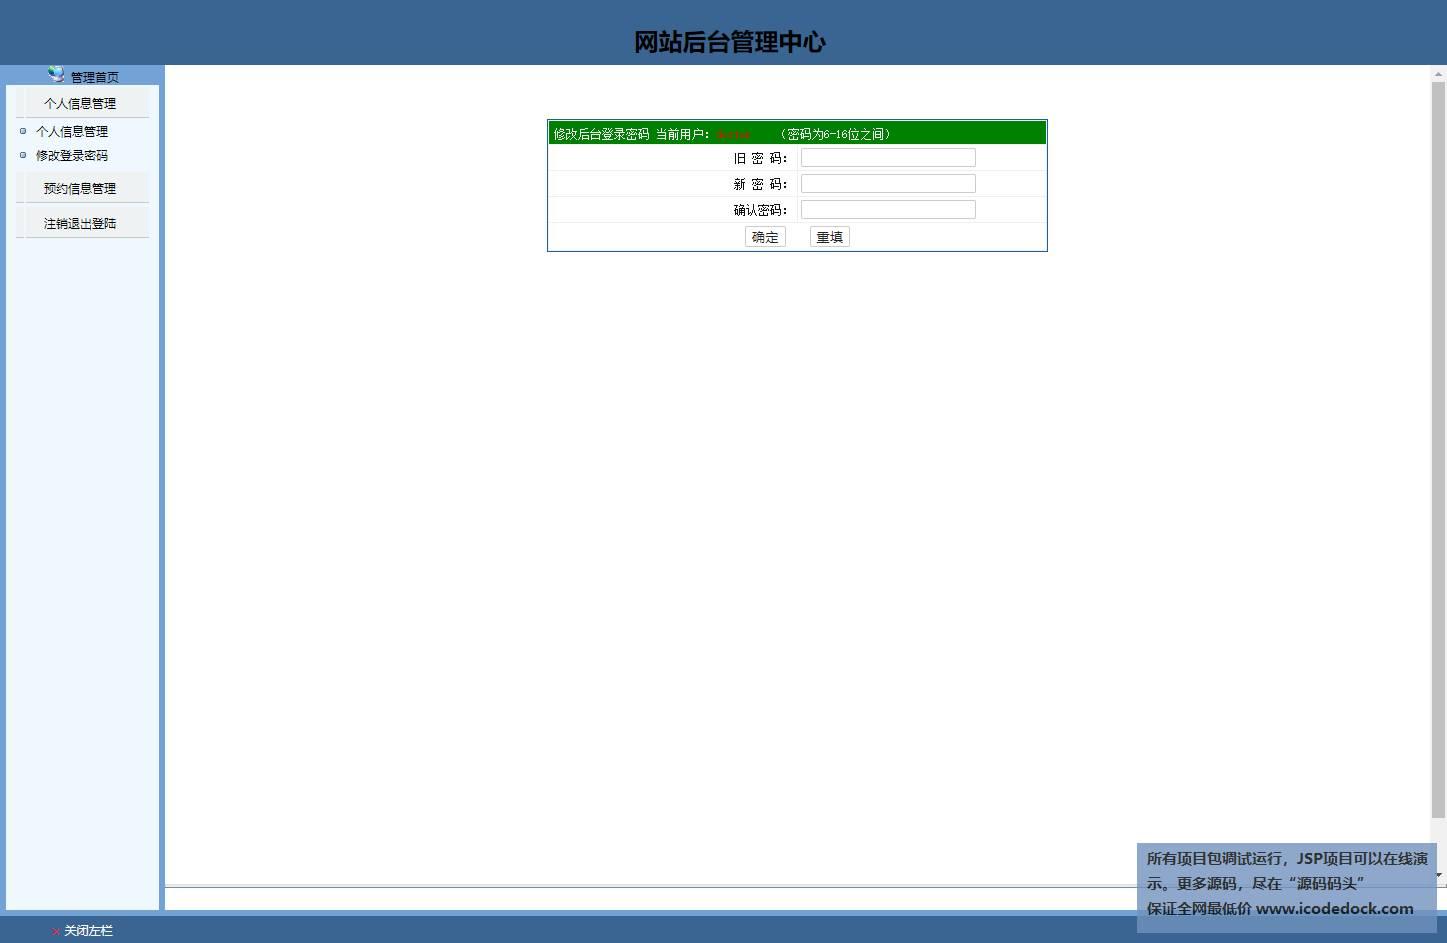 源码码头-JSP医院在线挂号管理系统-医生角色-修改登录密码